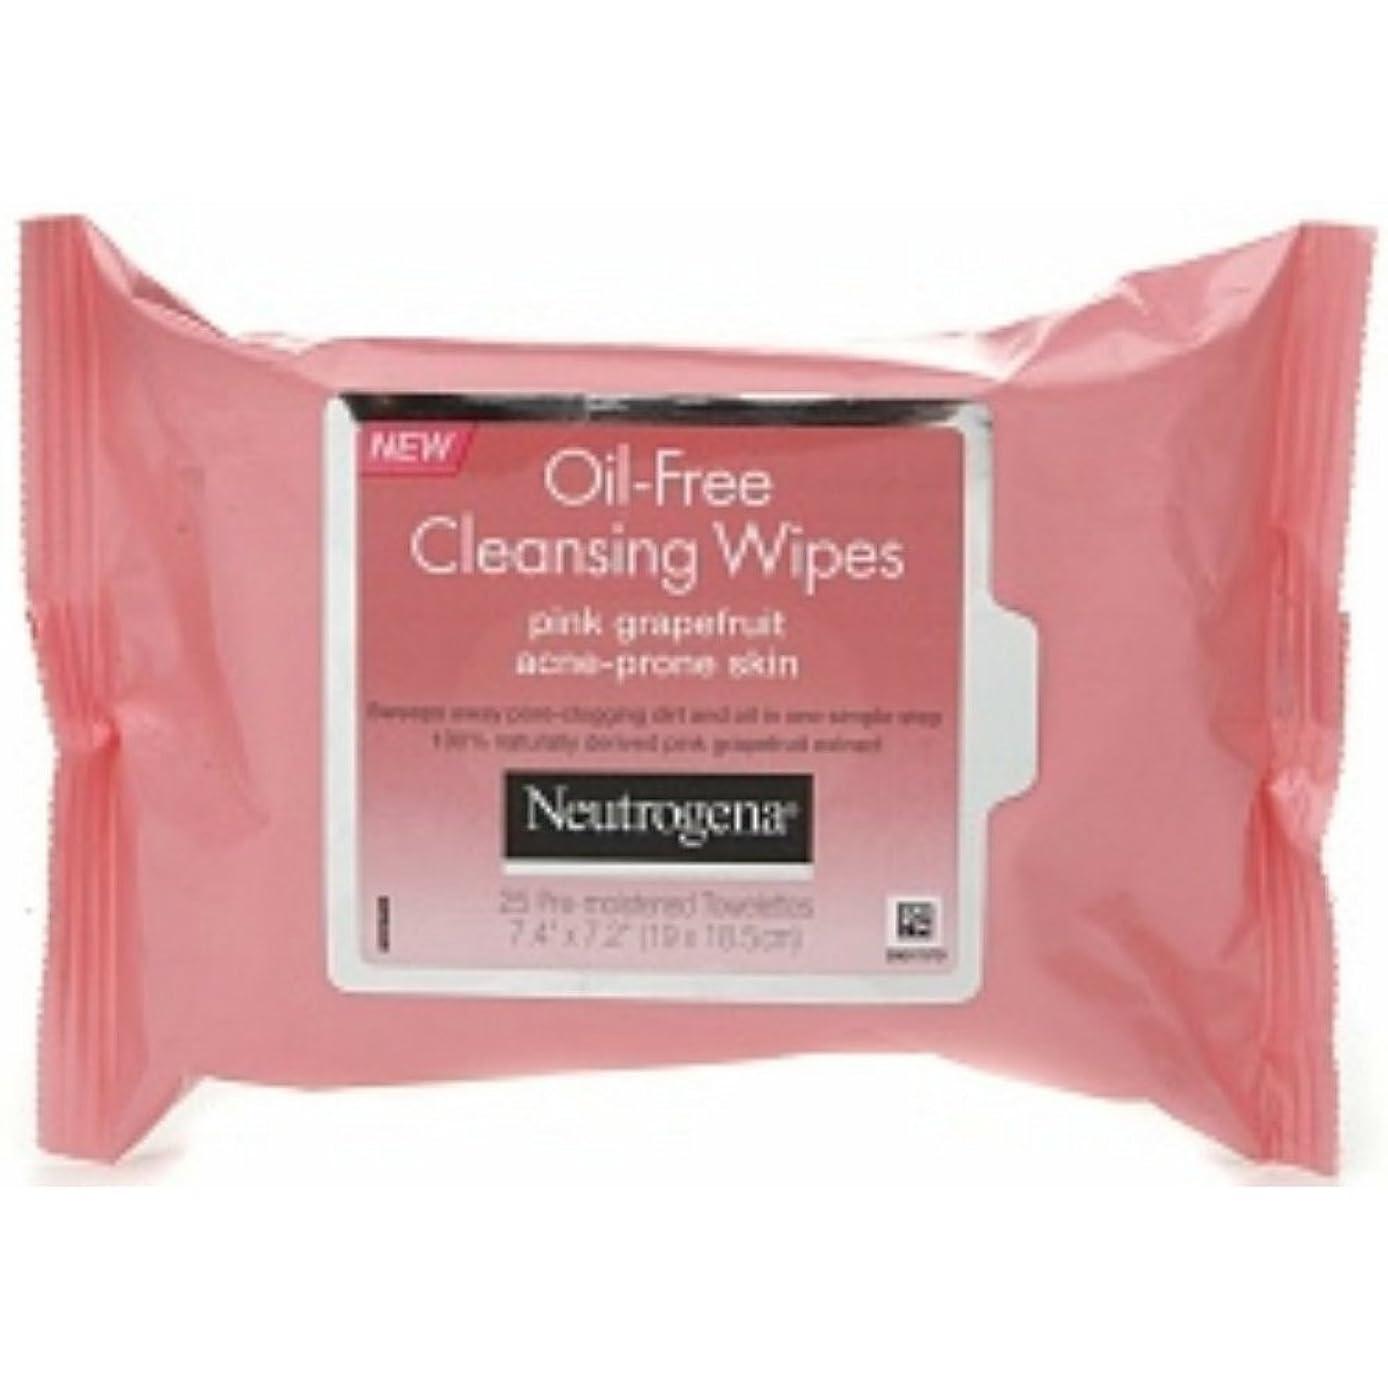 反論者ヨーグルトエンターテインメントNeutrogena Oil-Free Pink Grapefruit Cleansing Wipes, 25 Pre-moistened Towelettes Count 7.4